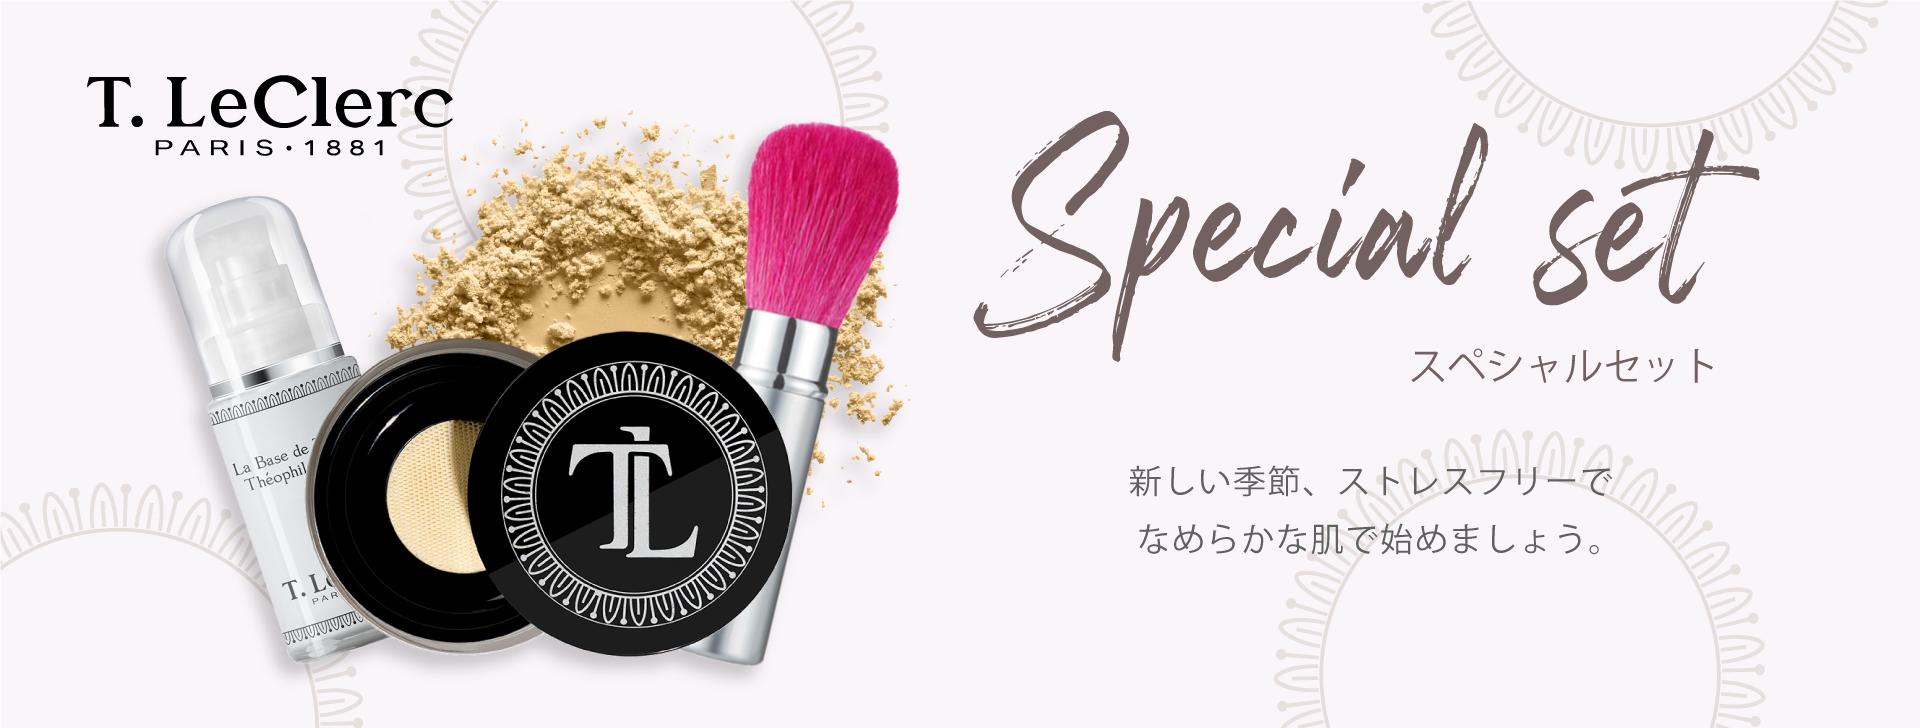 おすすめ秋のカラーリング T,LeClerc